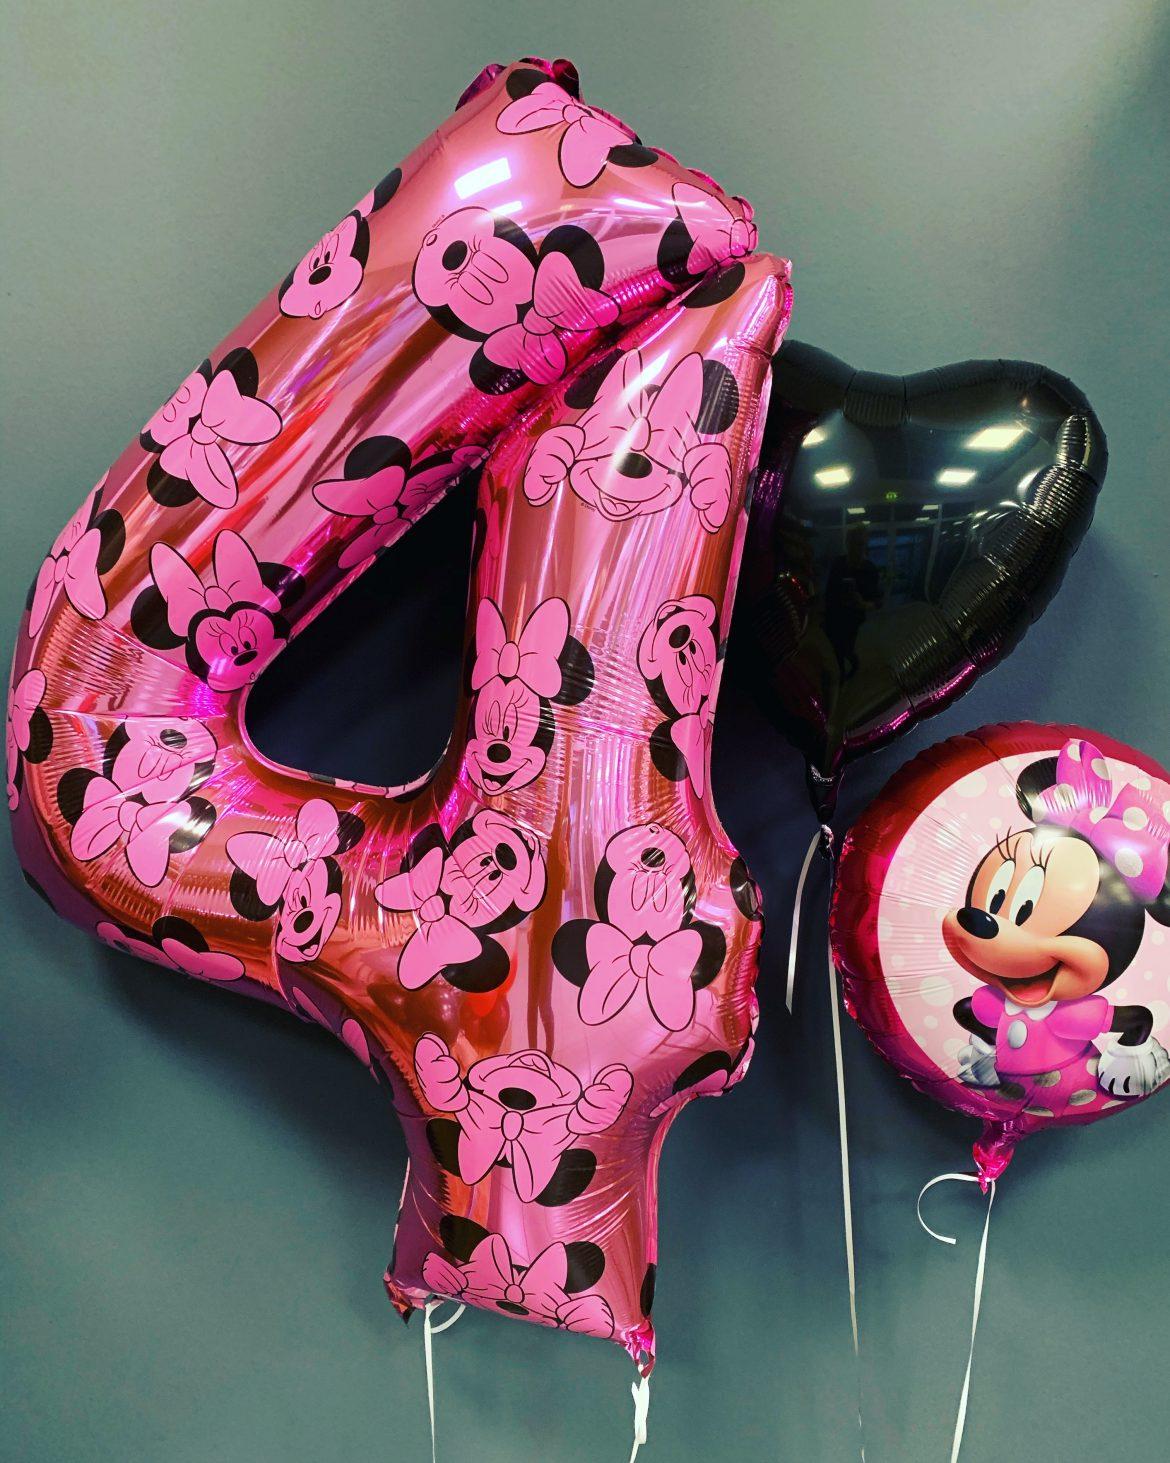 Heliumballon Zahl 4 mit Minniemaus